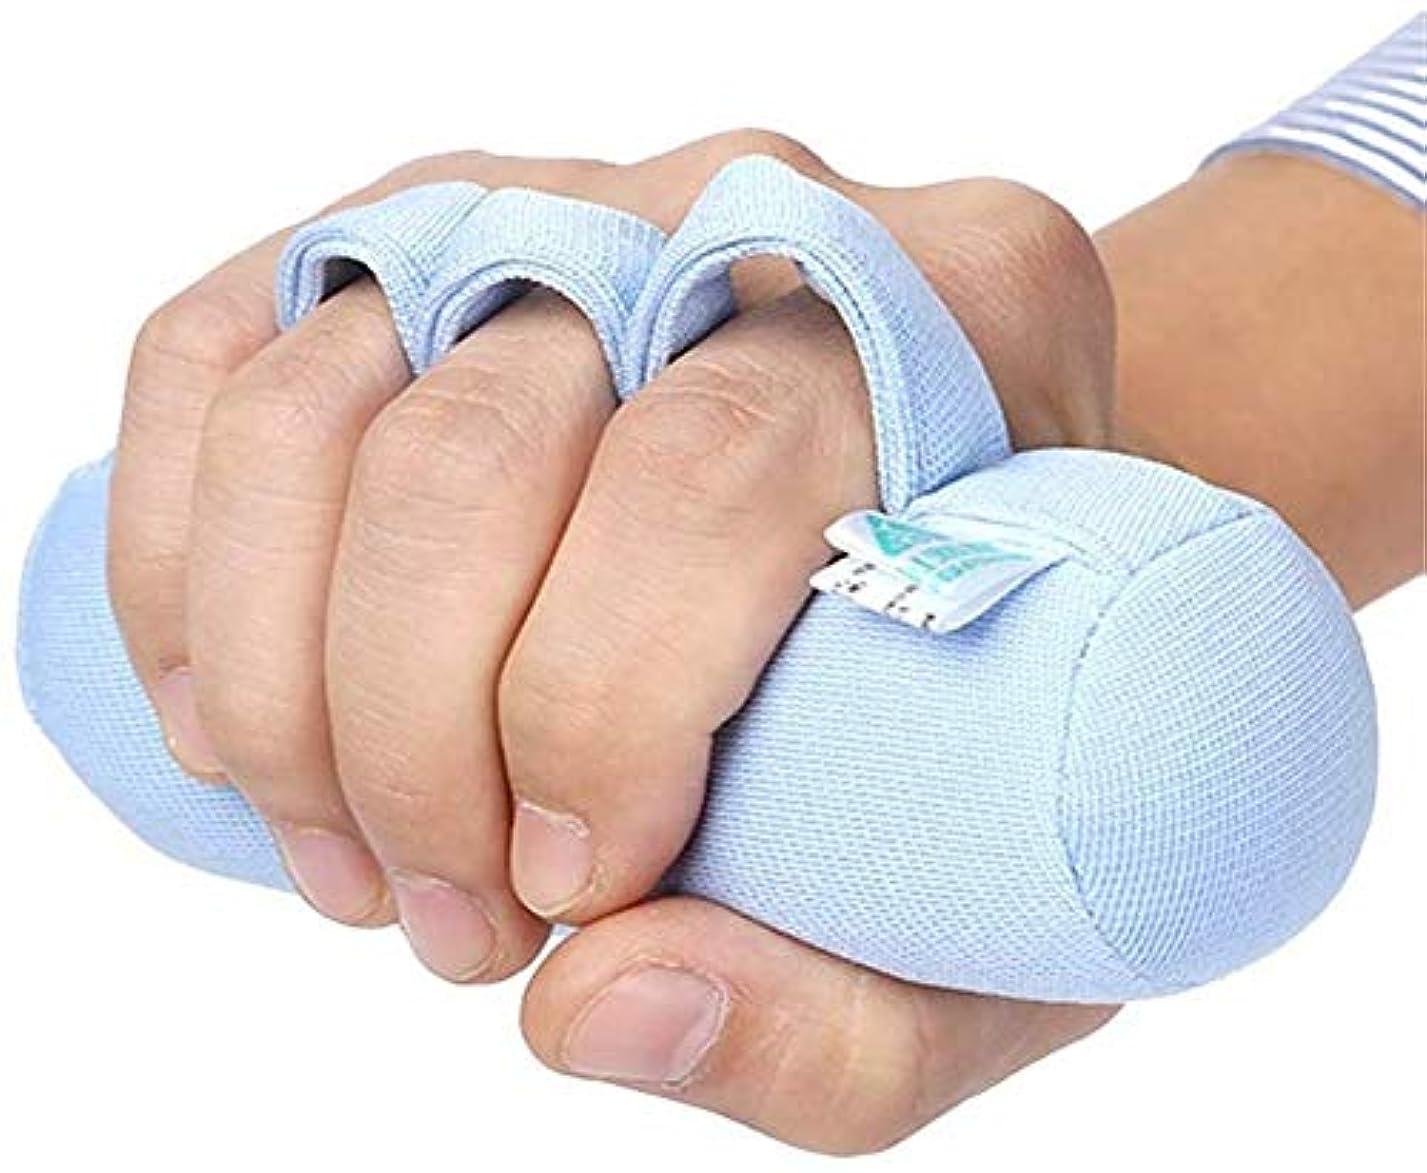 麻痺させる拡散するコンチネンタルフィンガーセパレーターハンド拘縮装具、フィンガーブレース、トリガーフィンガー用スプリント、ベッド患者抗デ瘡ケアパッド、右手/左手に適した高齢者の指スリーブ